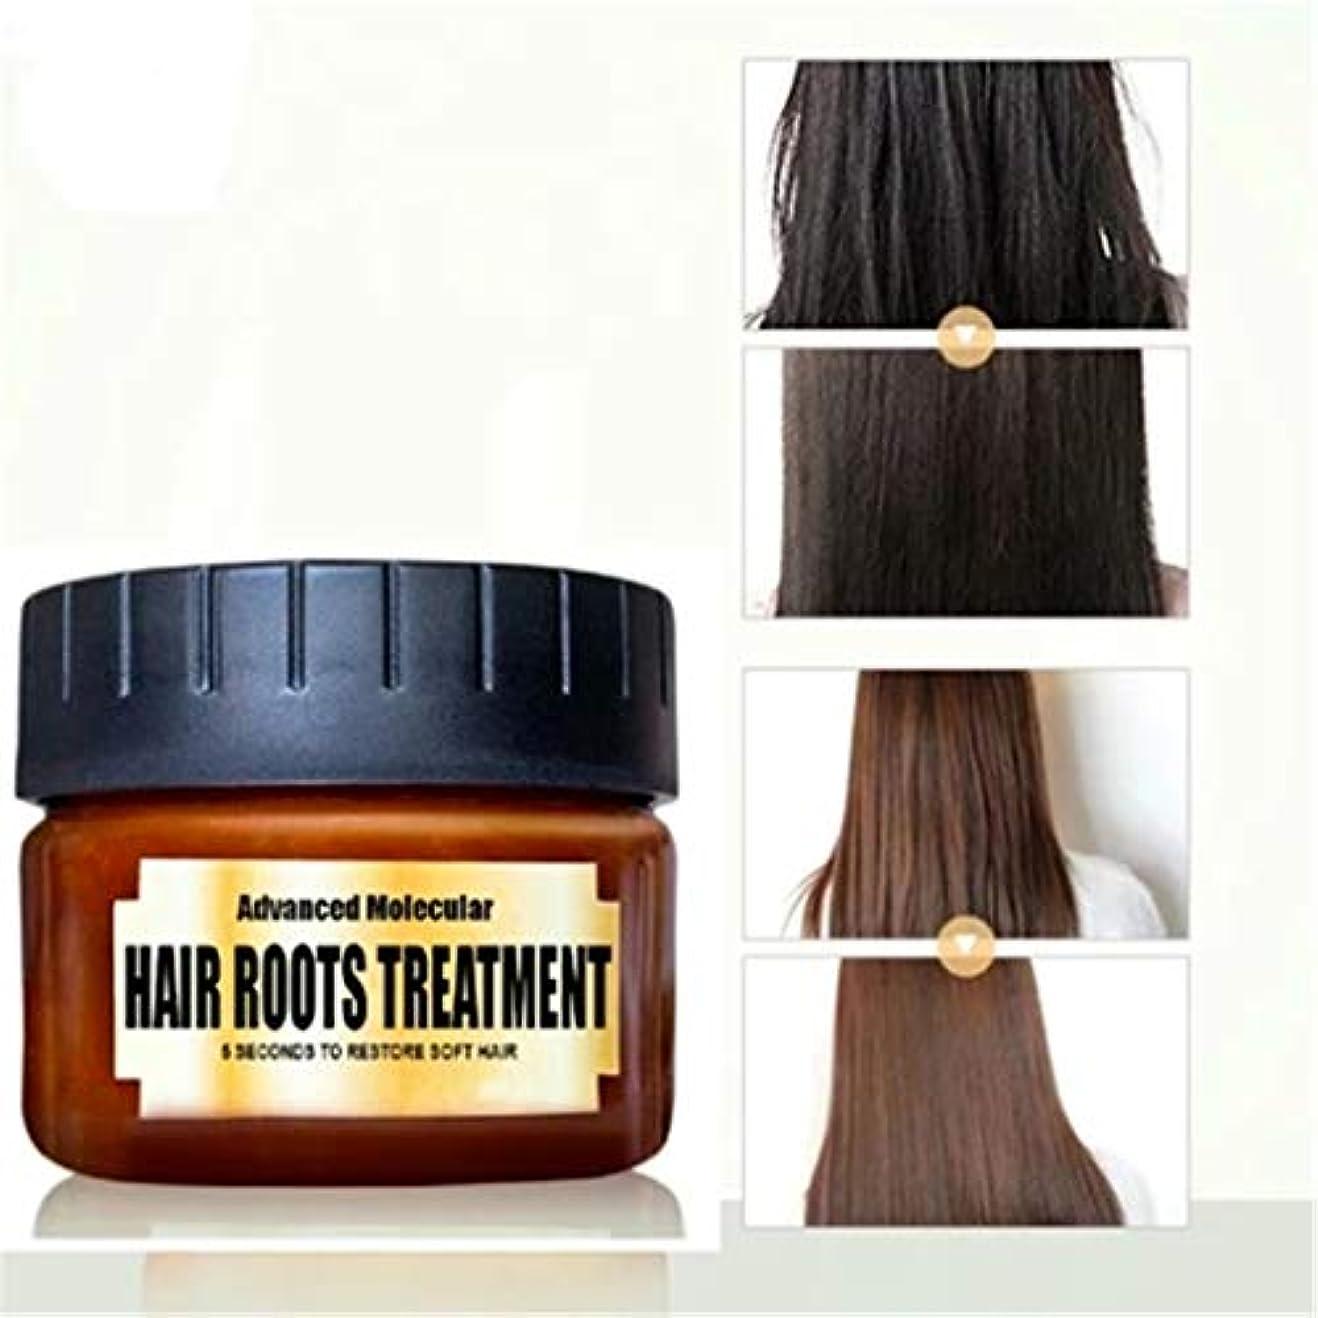 ピーク人柄第九コンディショナー ヘアケアコンディショナー ヘアデトキシファイングヘアマスク 高度な分子 毛根治療の回復 乾燥または損傷した髪と頭皮の治療のための髪の滑らかなしなやか (B 60 ml)